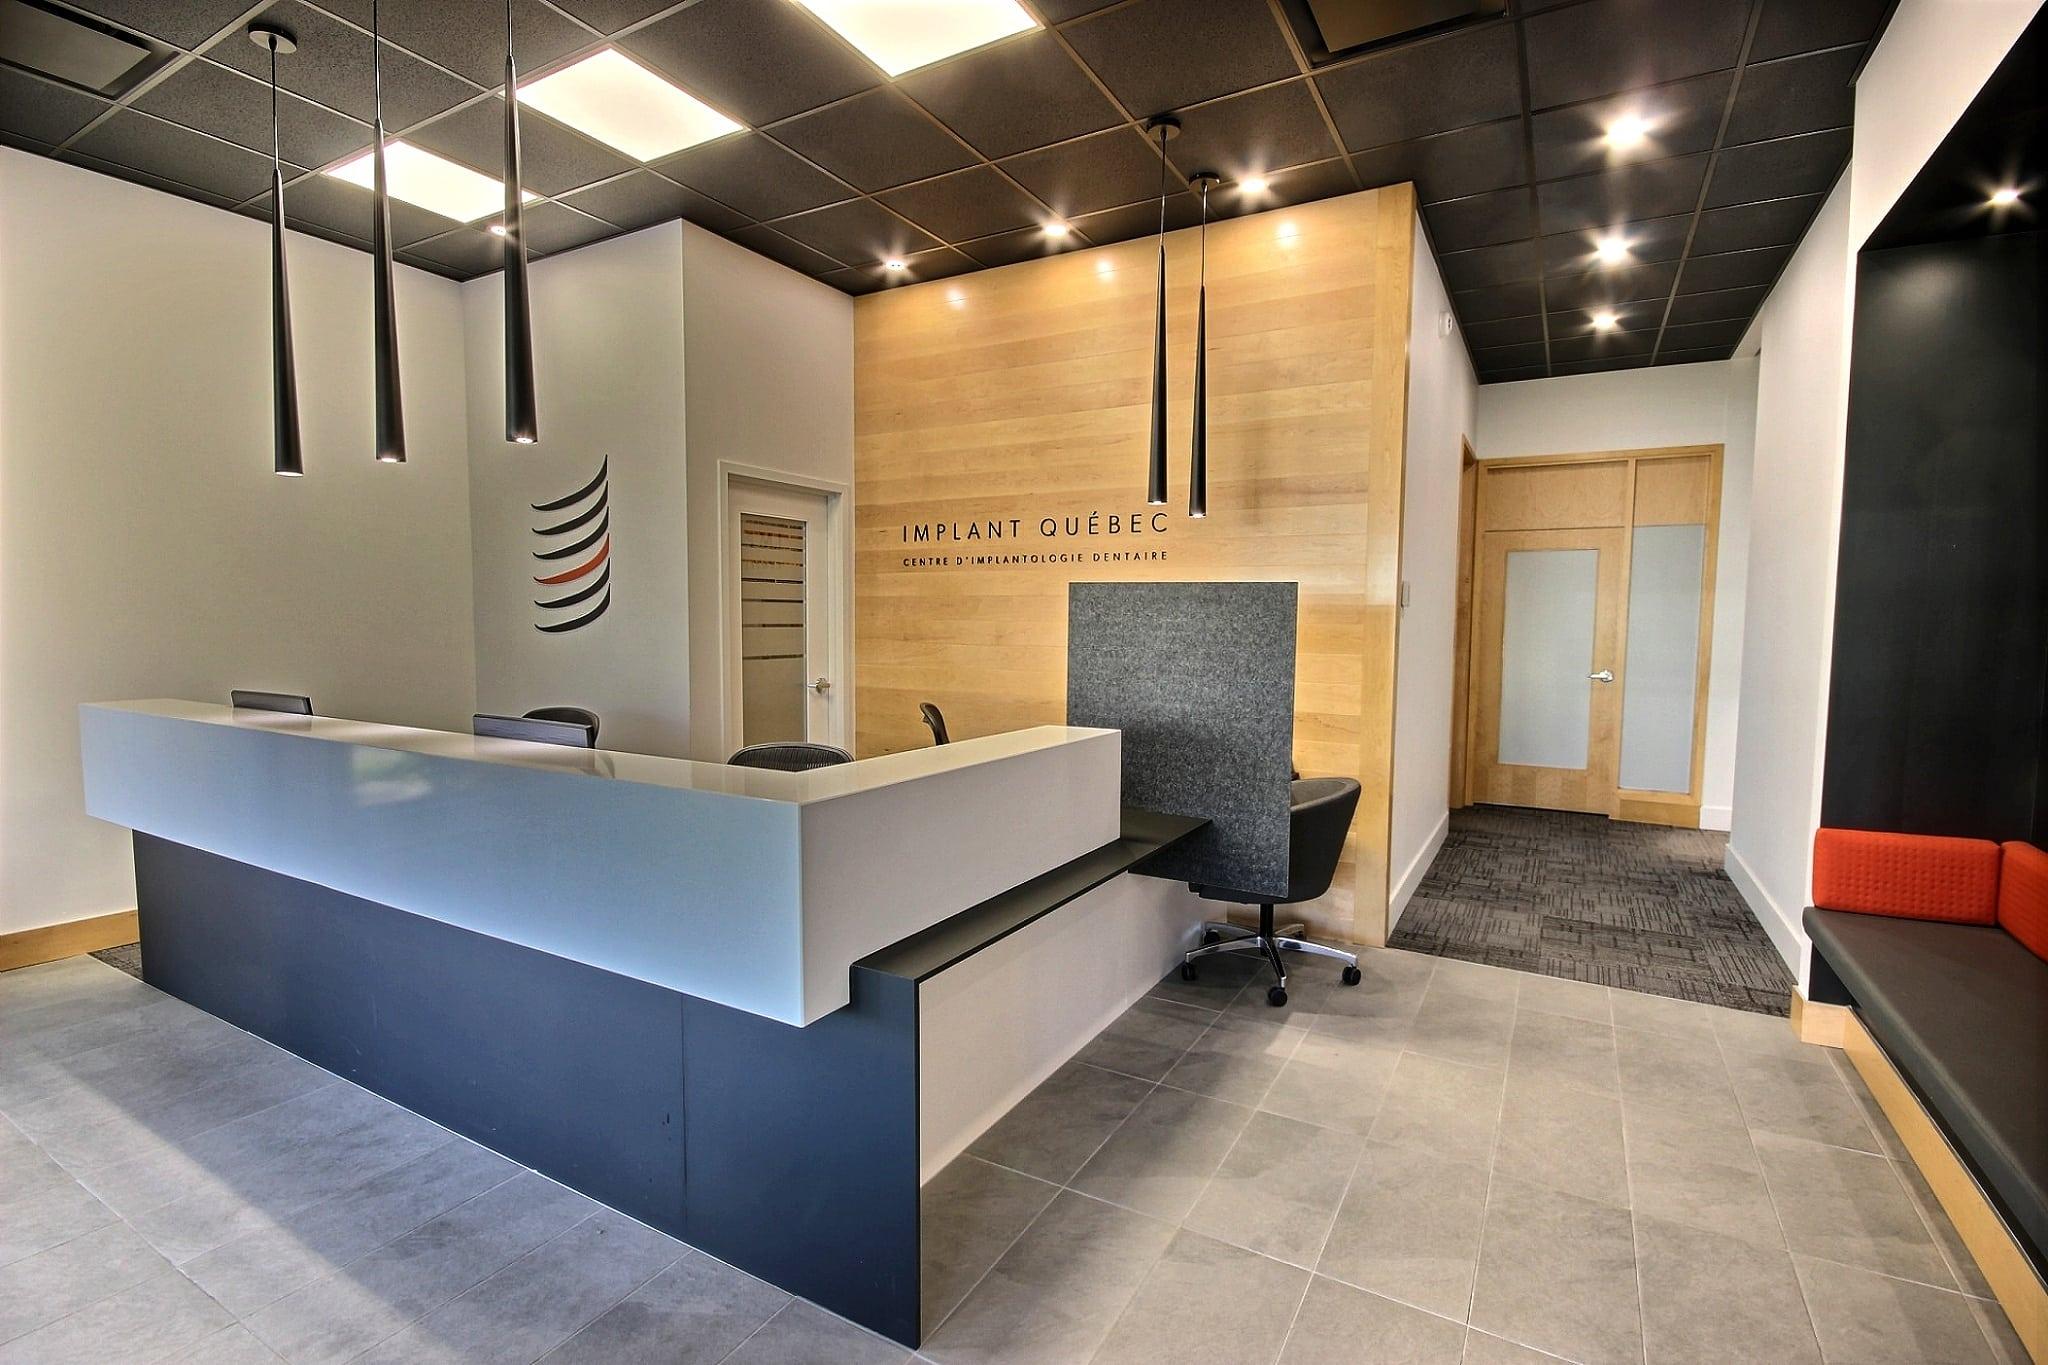 Couloir clinique Implant Québec